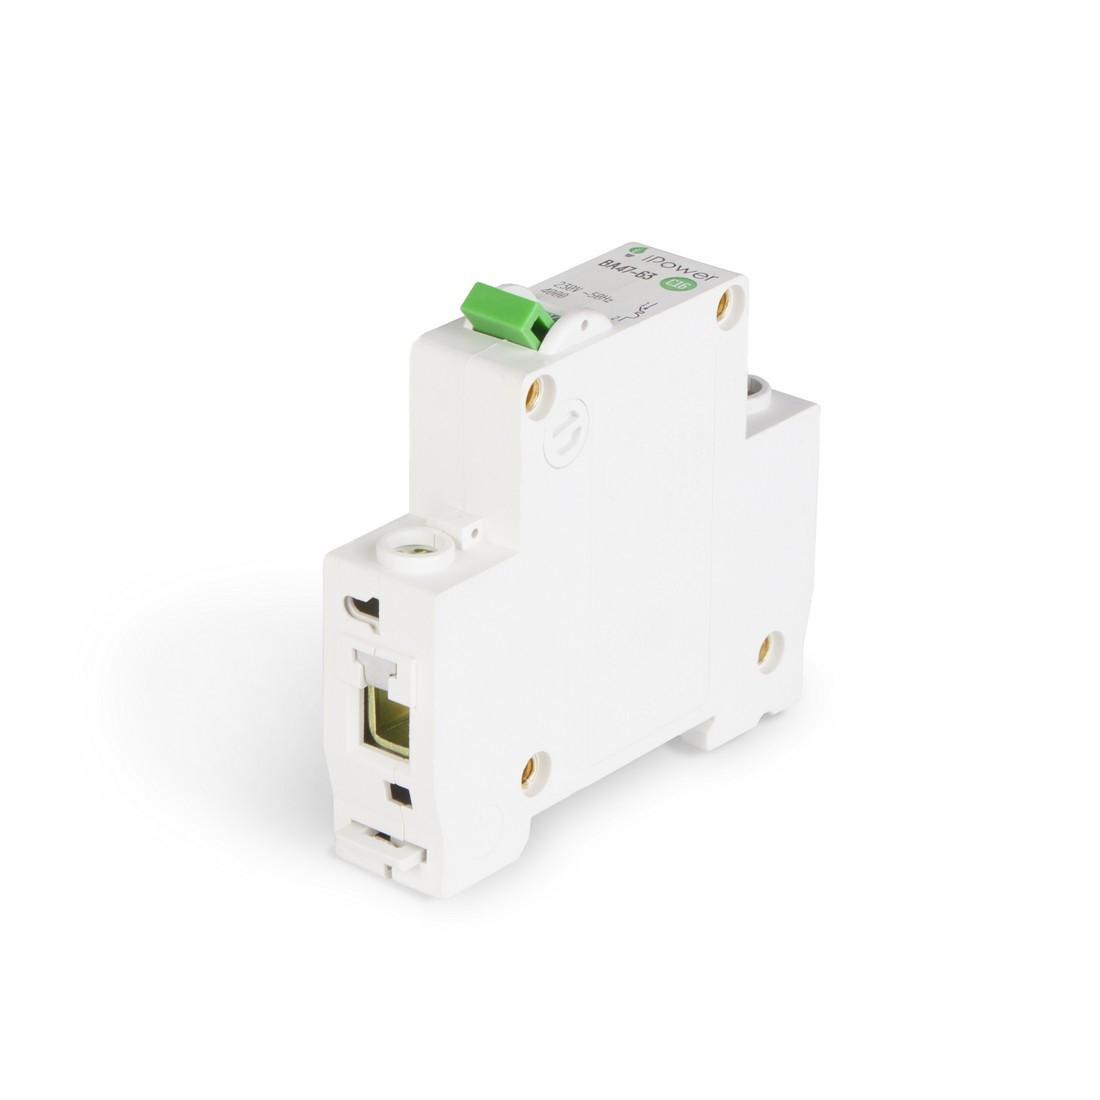 Автоматический выключатель реечный iPower ВА47-63 1P 25А, 230/400 В, Кол-во полюсов: 1, Предел отключения: 4,5